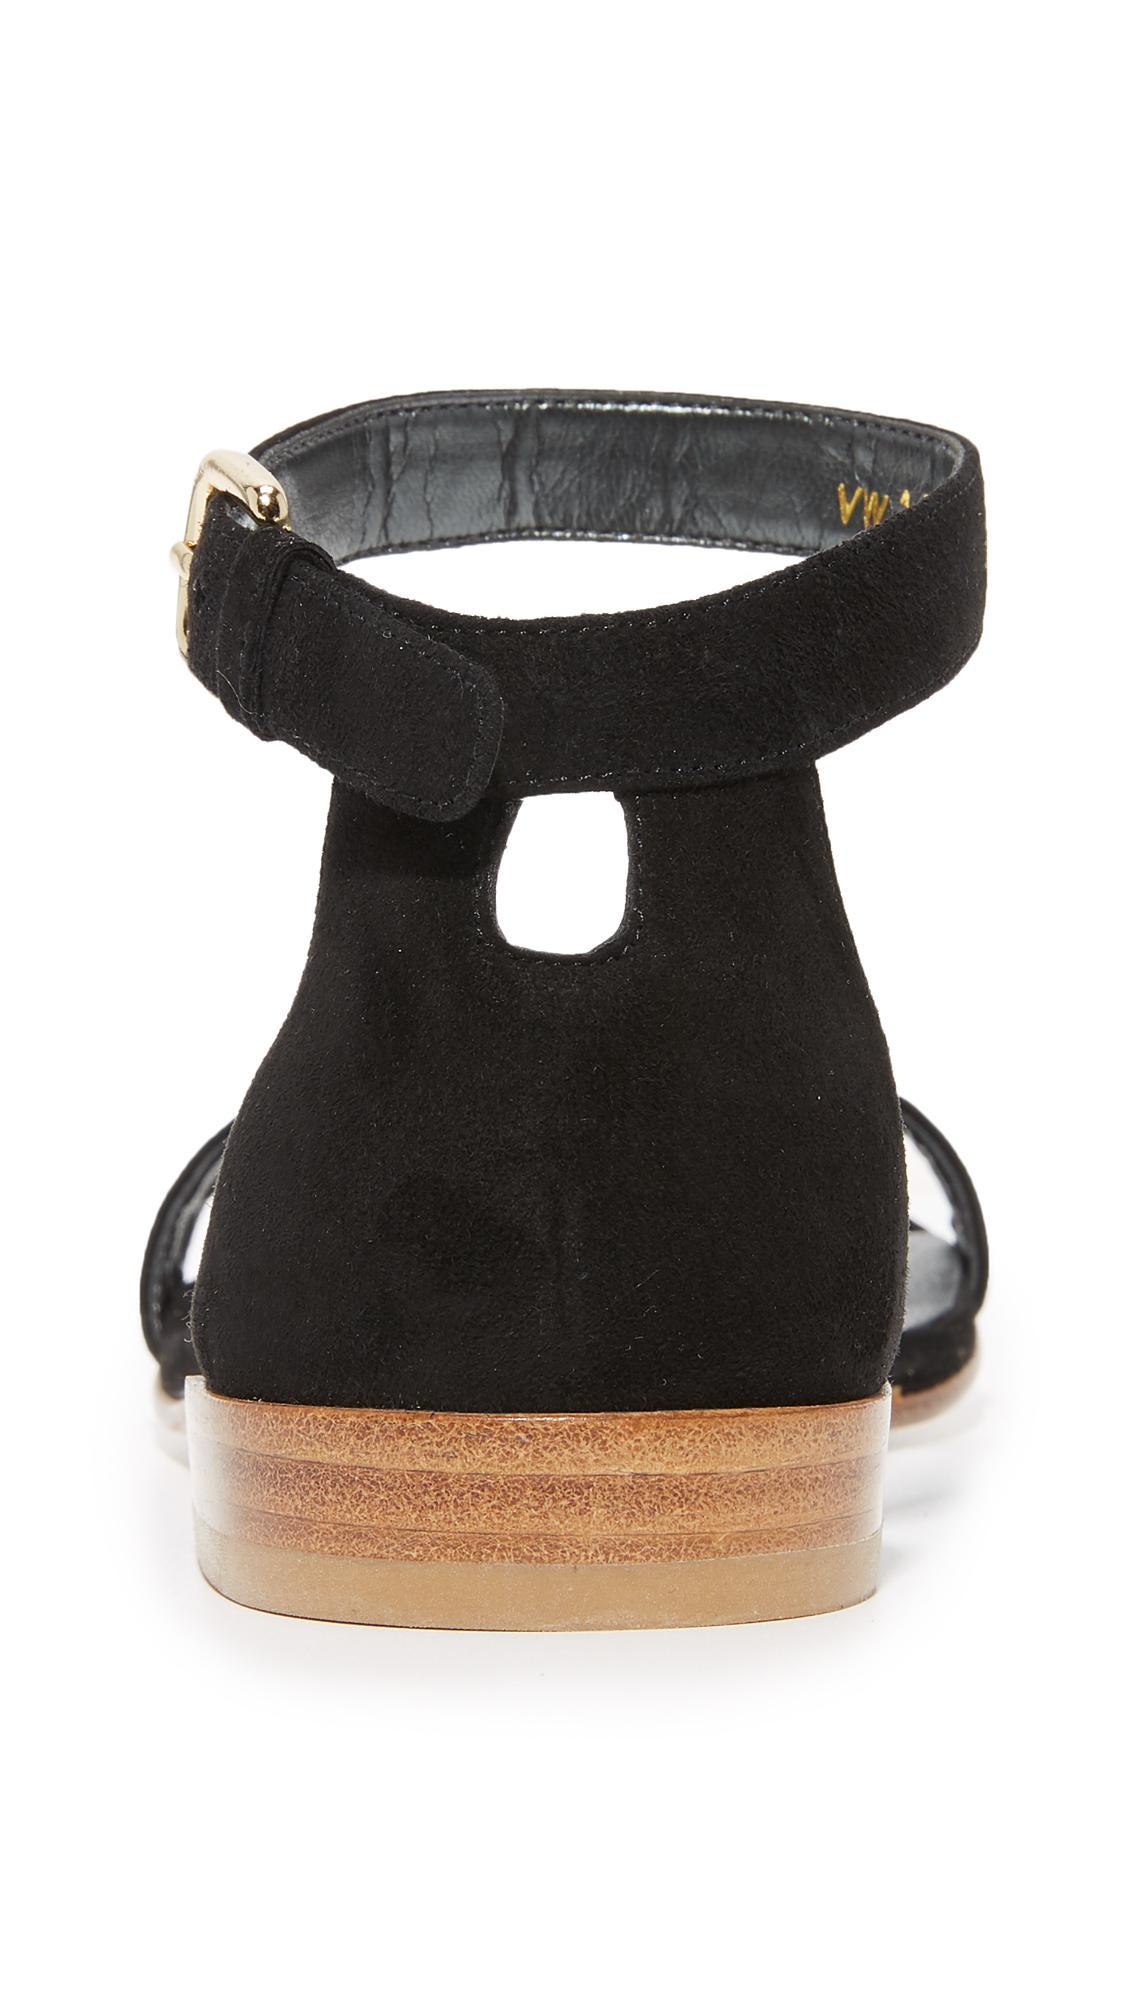 Lyst Stuart Weitzman Nudist Flat Sandals In Black